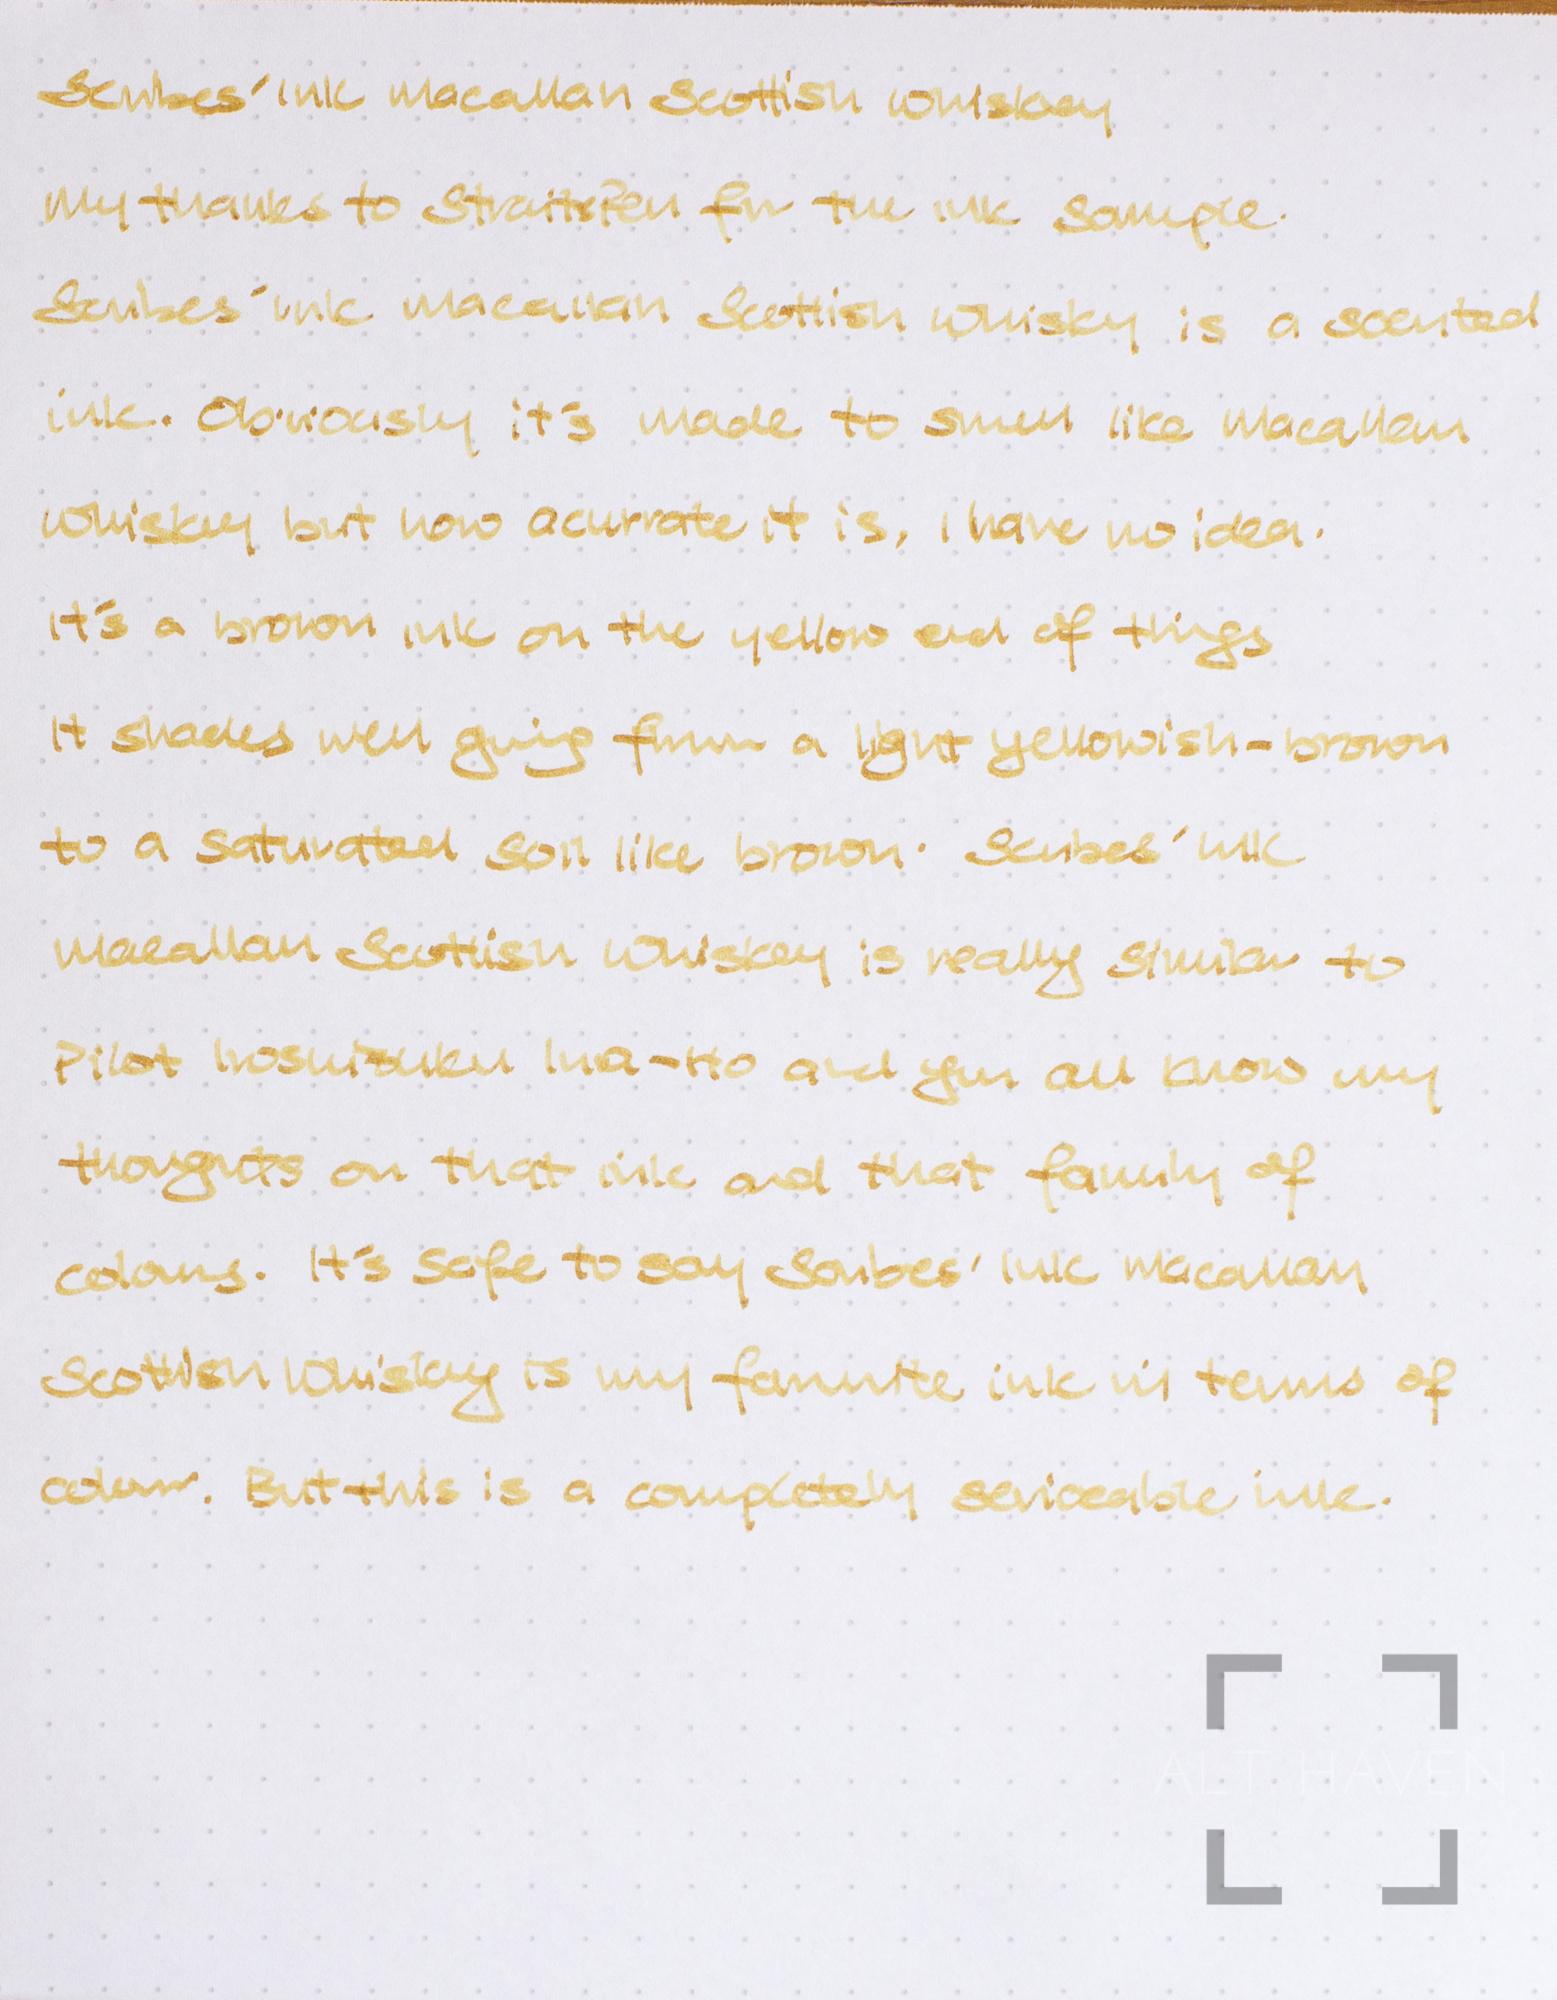 Scribes Macallen Scottish Whiskey-2.jpg